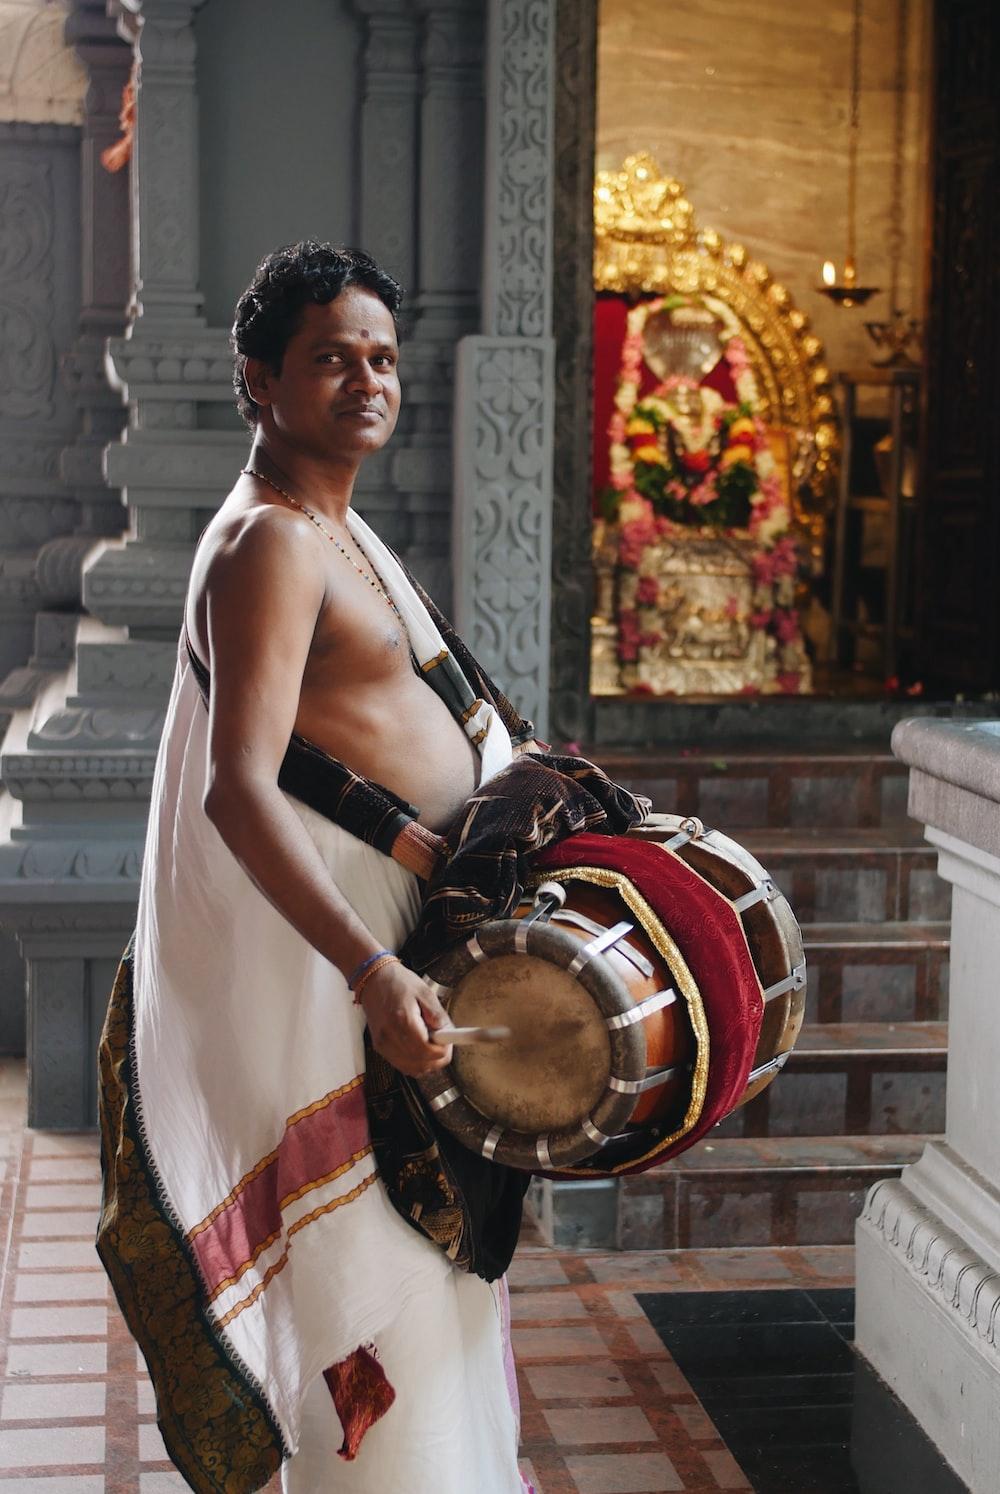 man wearing white dress holding musical drum